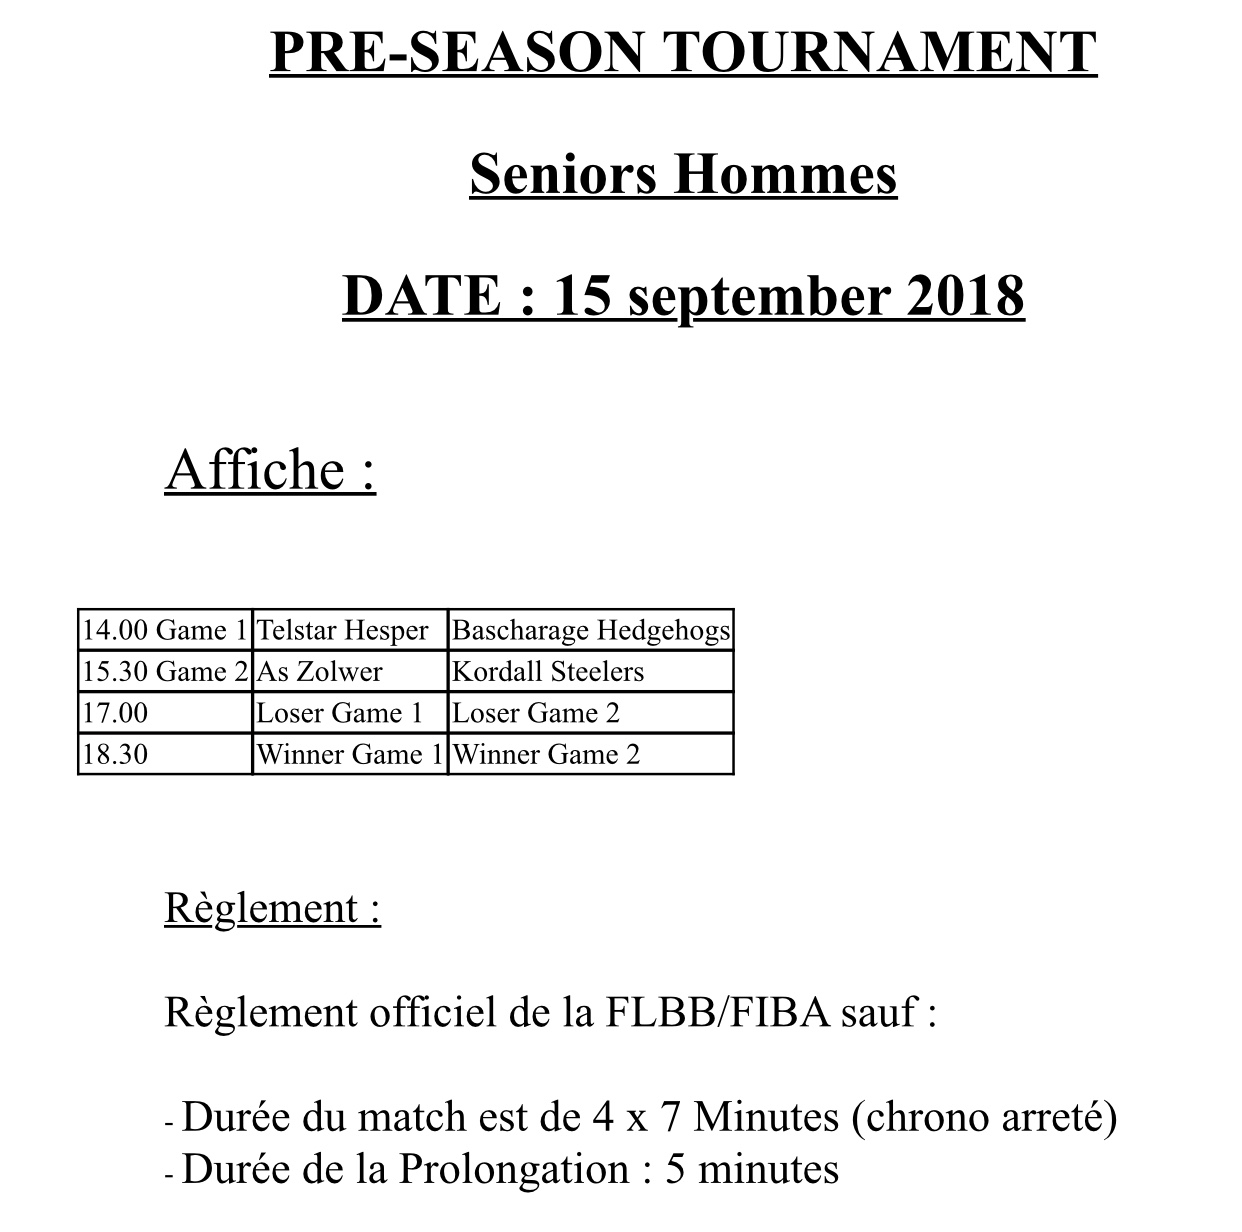 Pre-Season Tournament Seniors Hommes